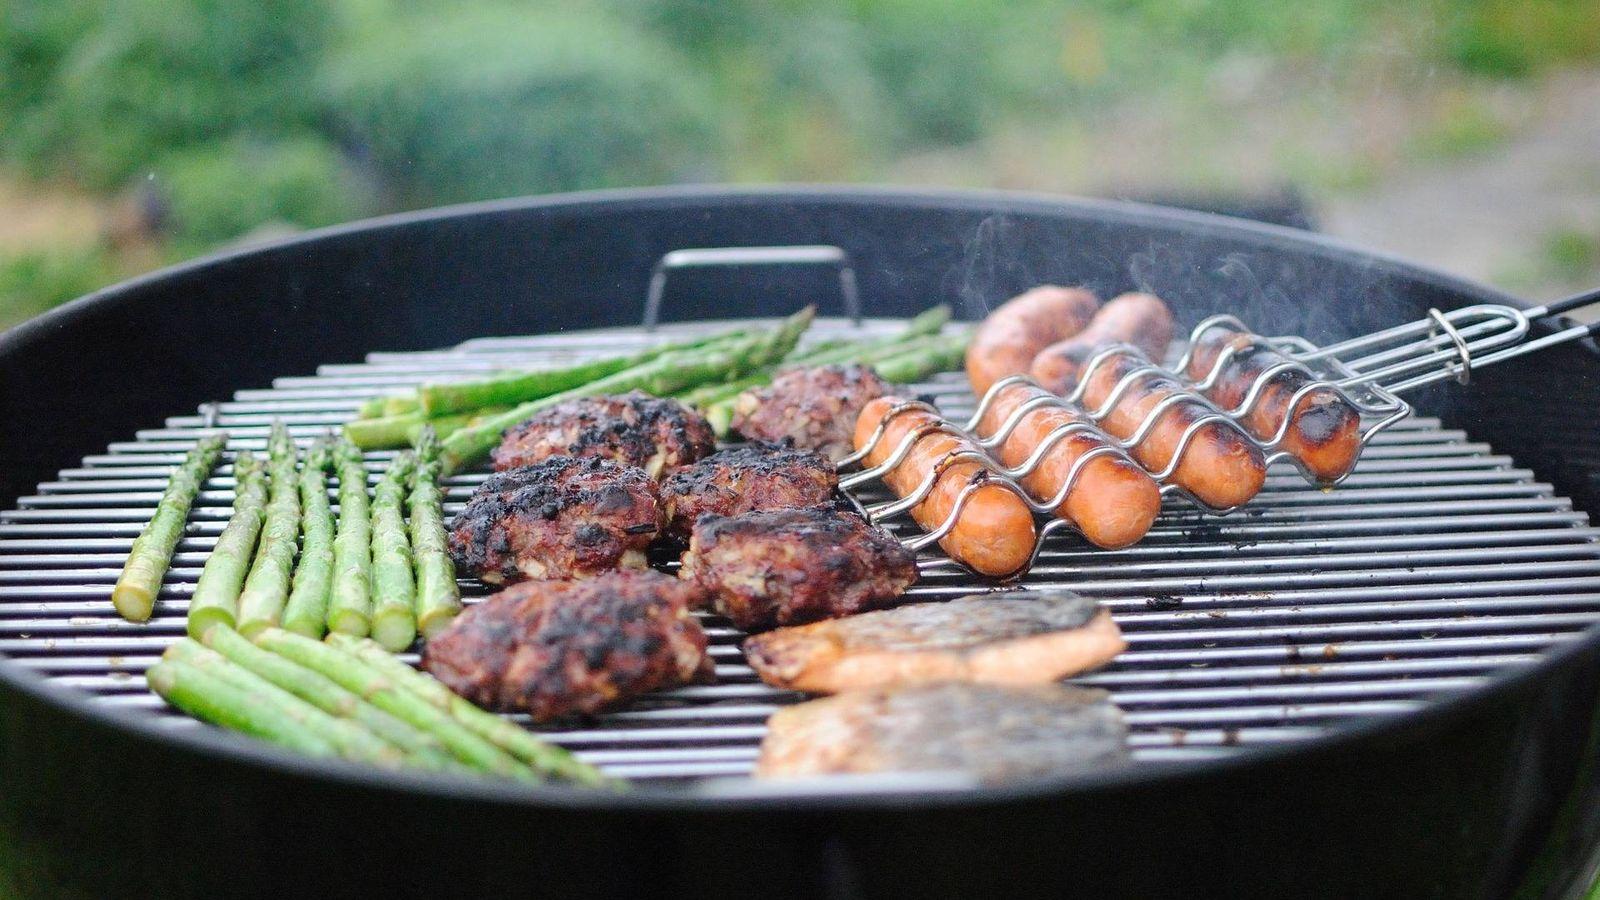 Parrillas Para Hacer Ricas Barbacoas De Carne Pescado Y Verduras A La Plancha